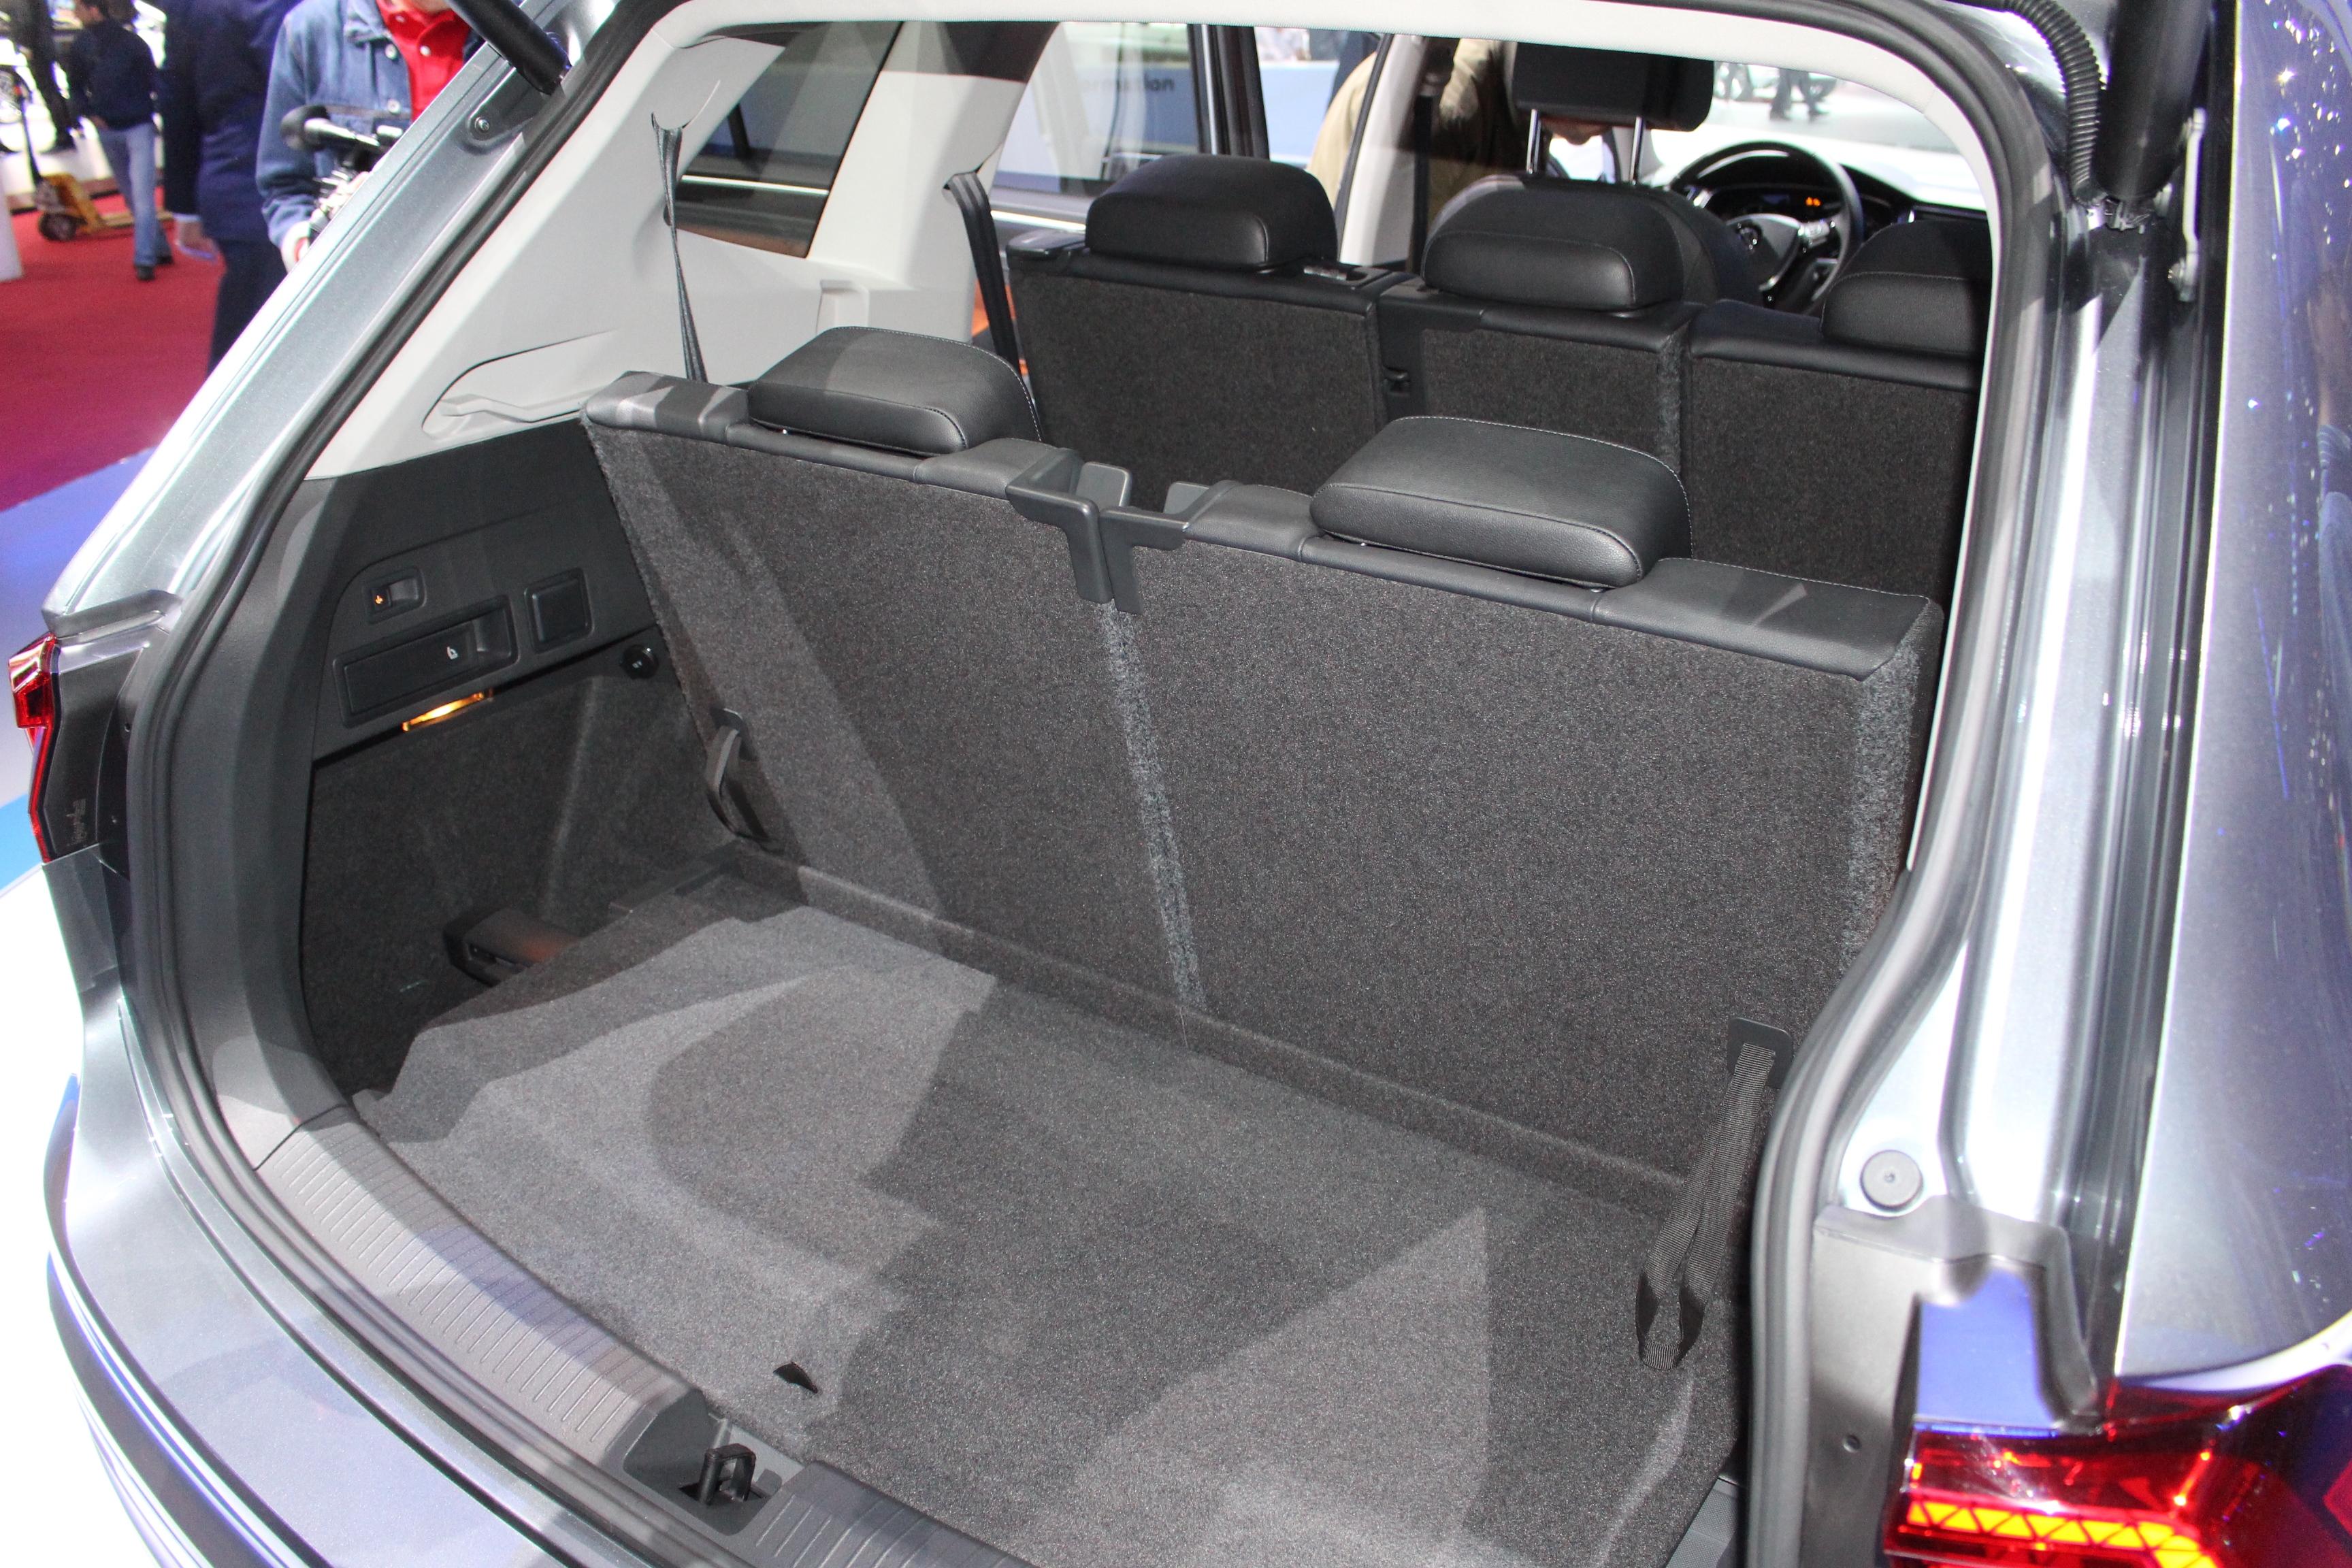 S0-volkswagen-tiguan-allspace-xxl-en-direct-du-salon-de-geneve-2017-398450